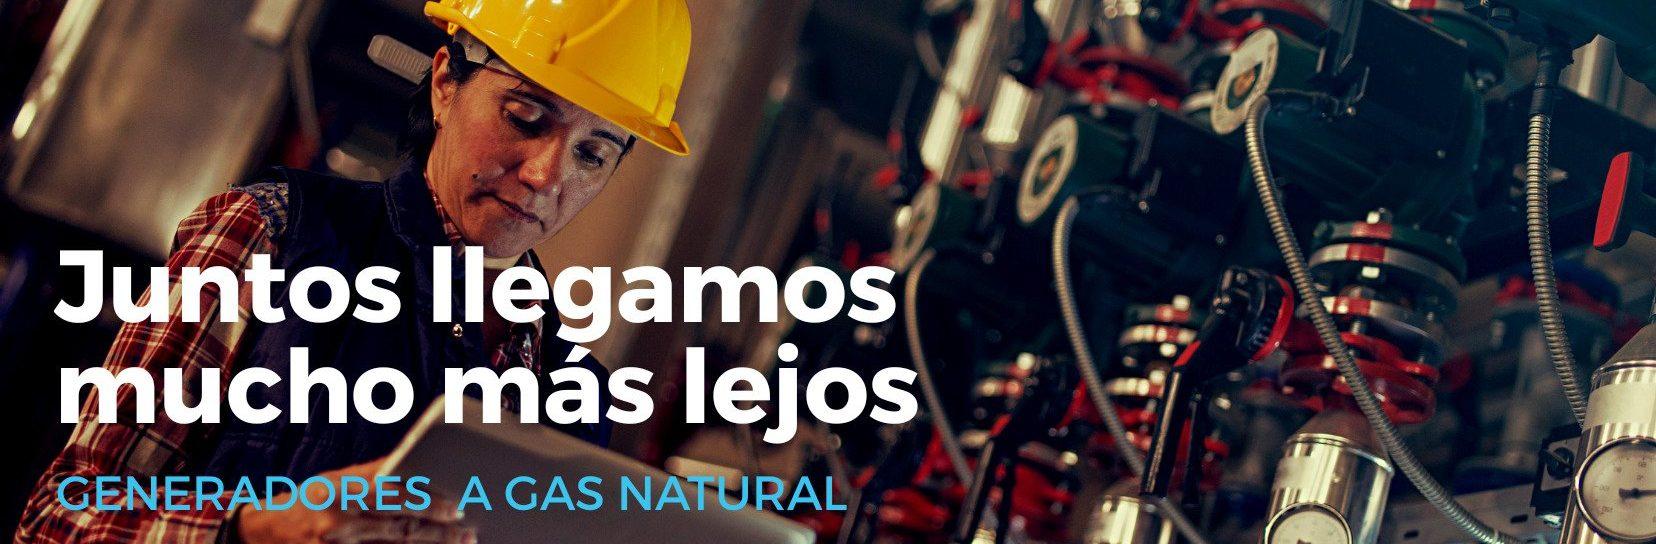 GAS NATURAL EN MOTORES DE GENERADORES